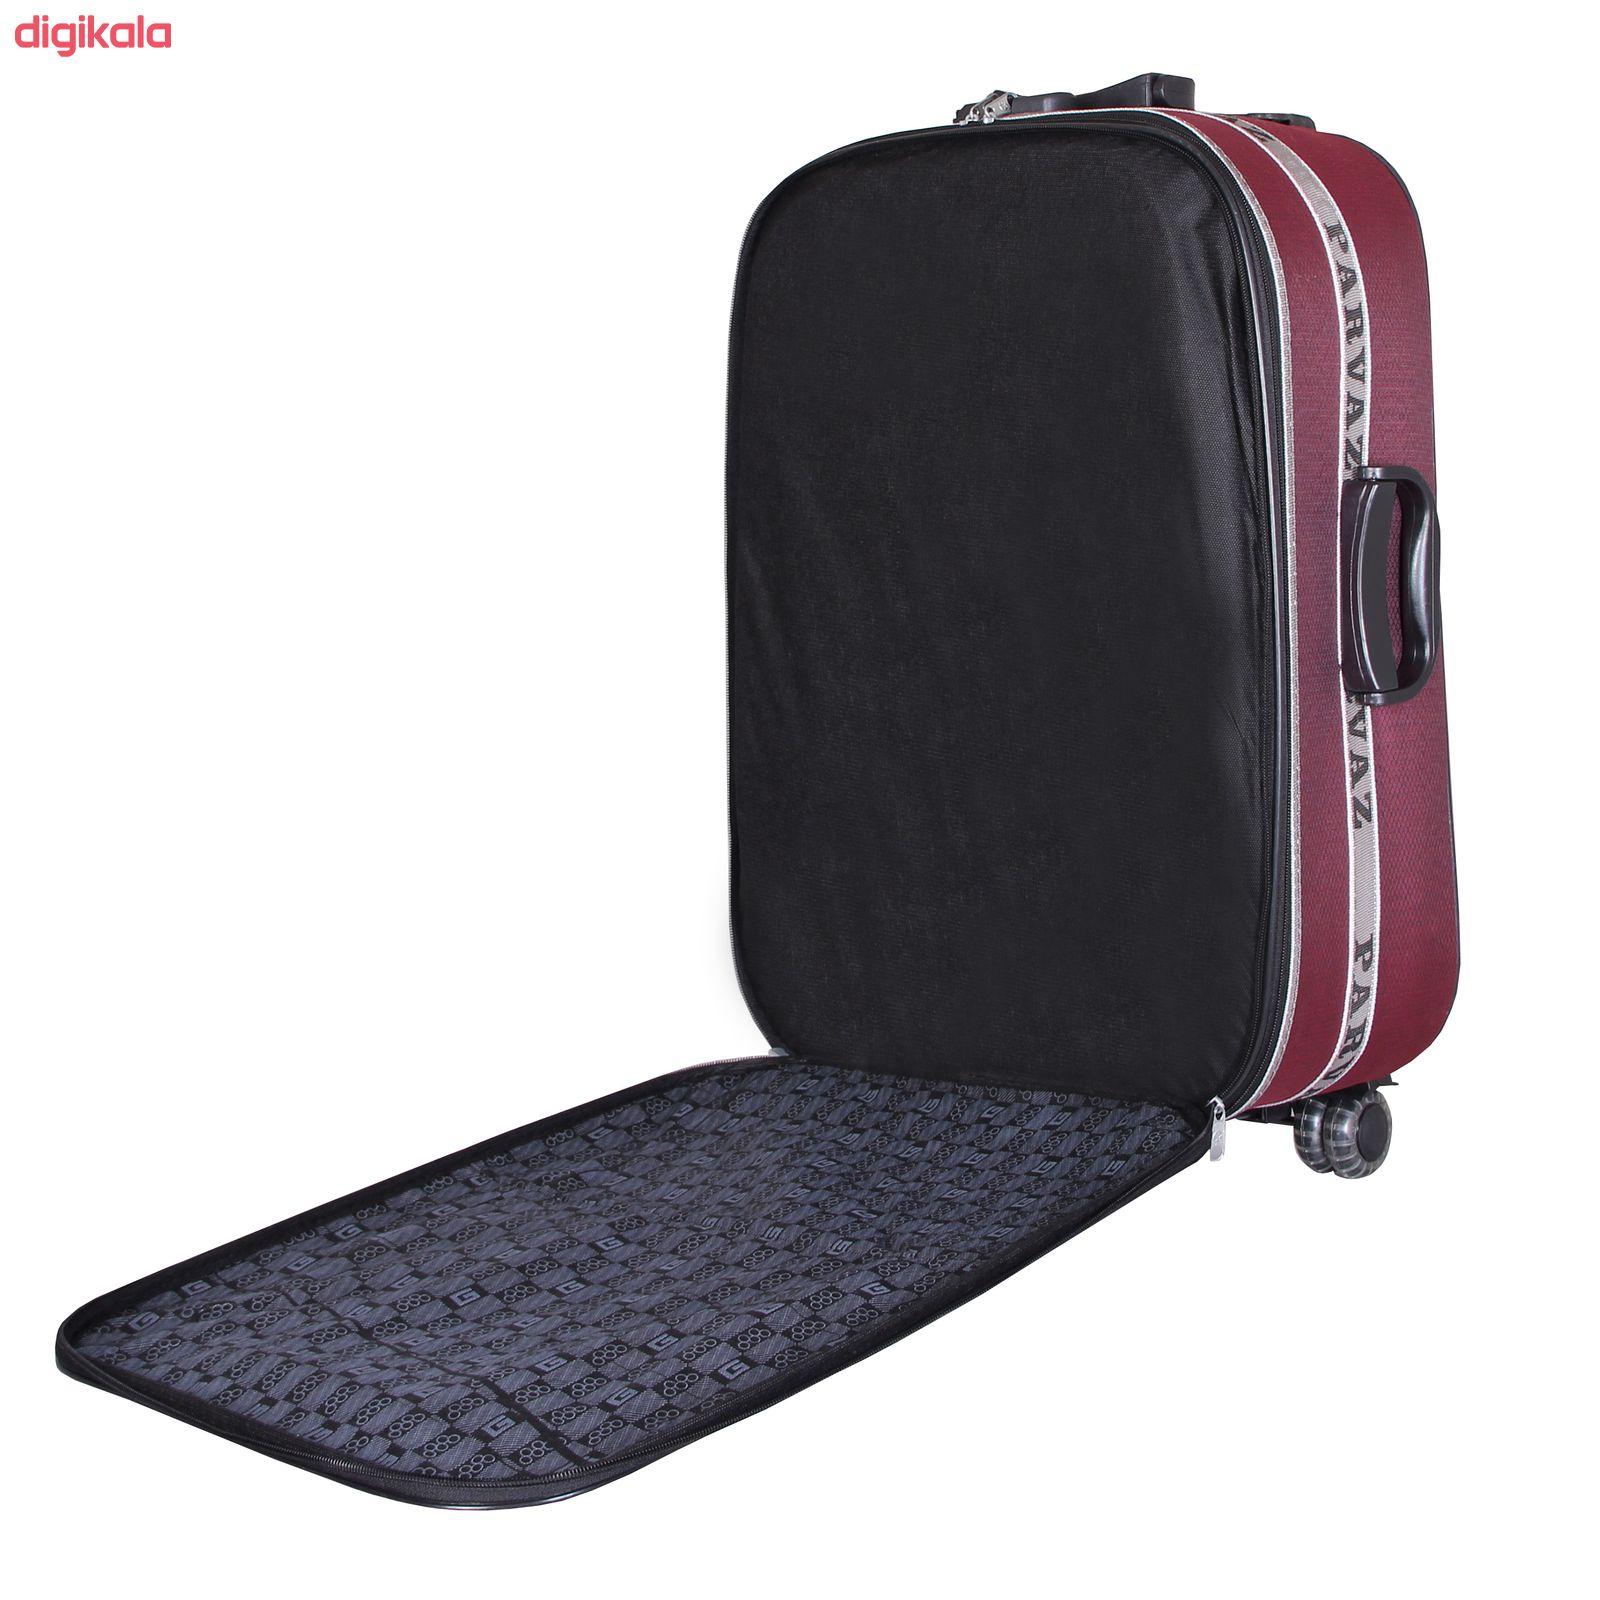 مجموعه دو عددی چمدان پرواز مدل M01000 main 1 7